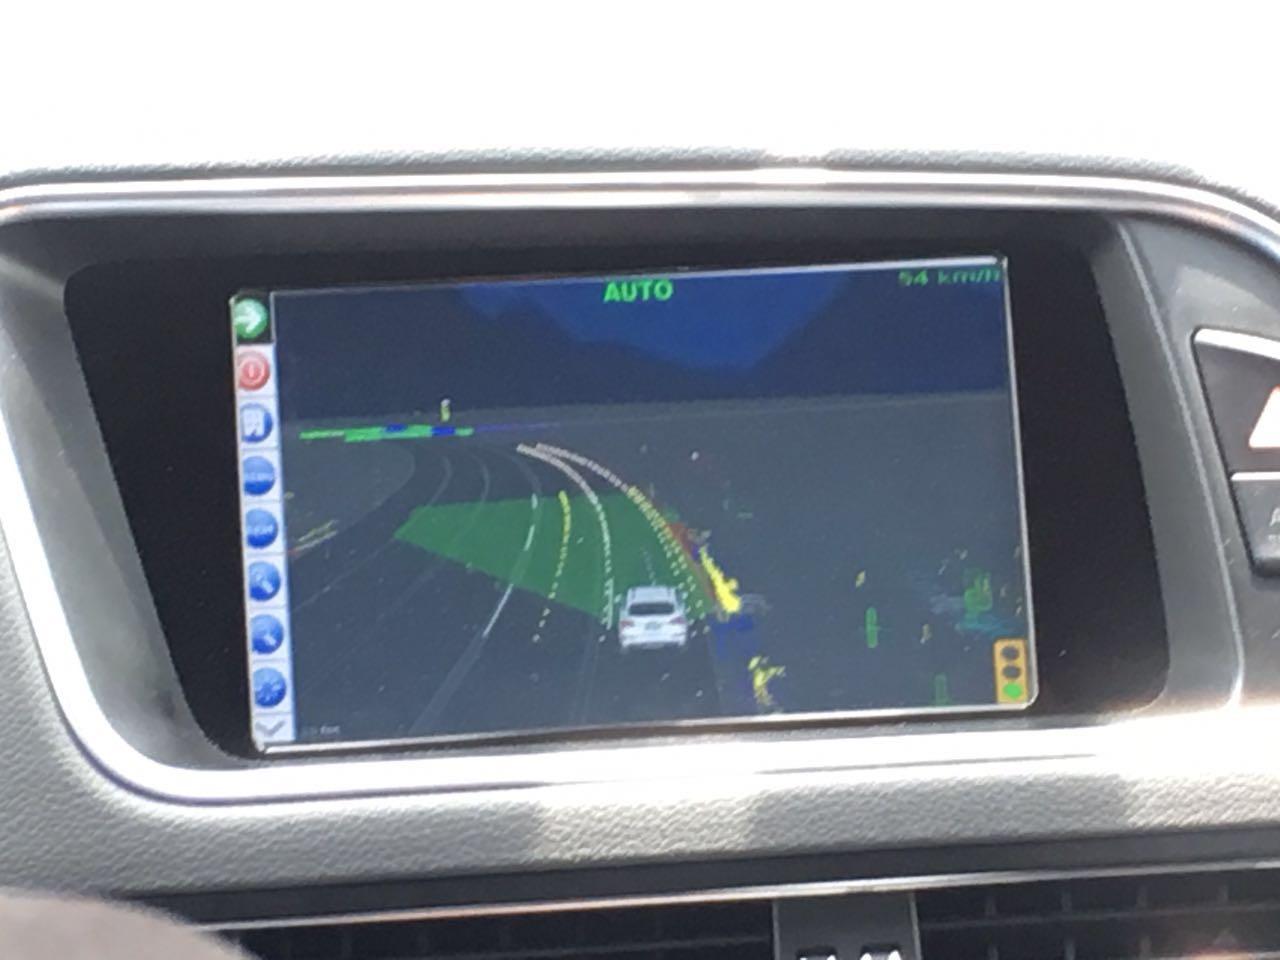 德尔福自动驾驶汽车的显示屏幕,绿色表示安全区域